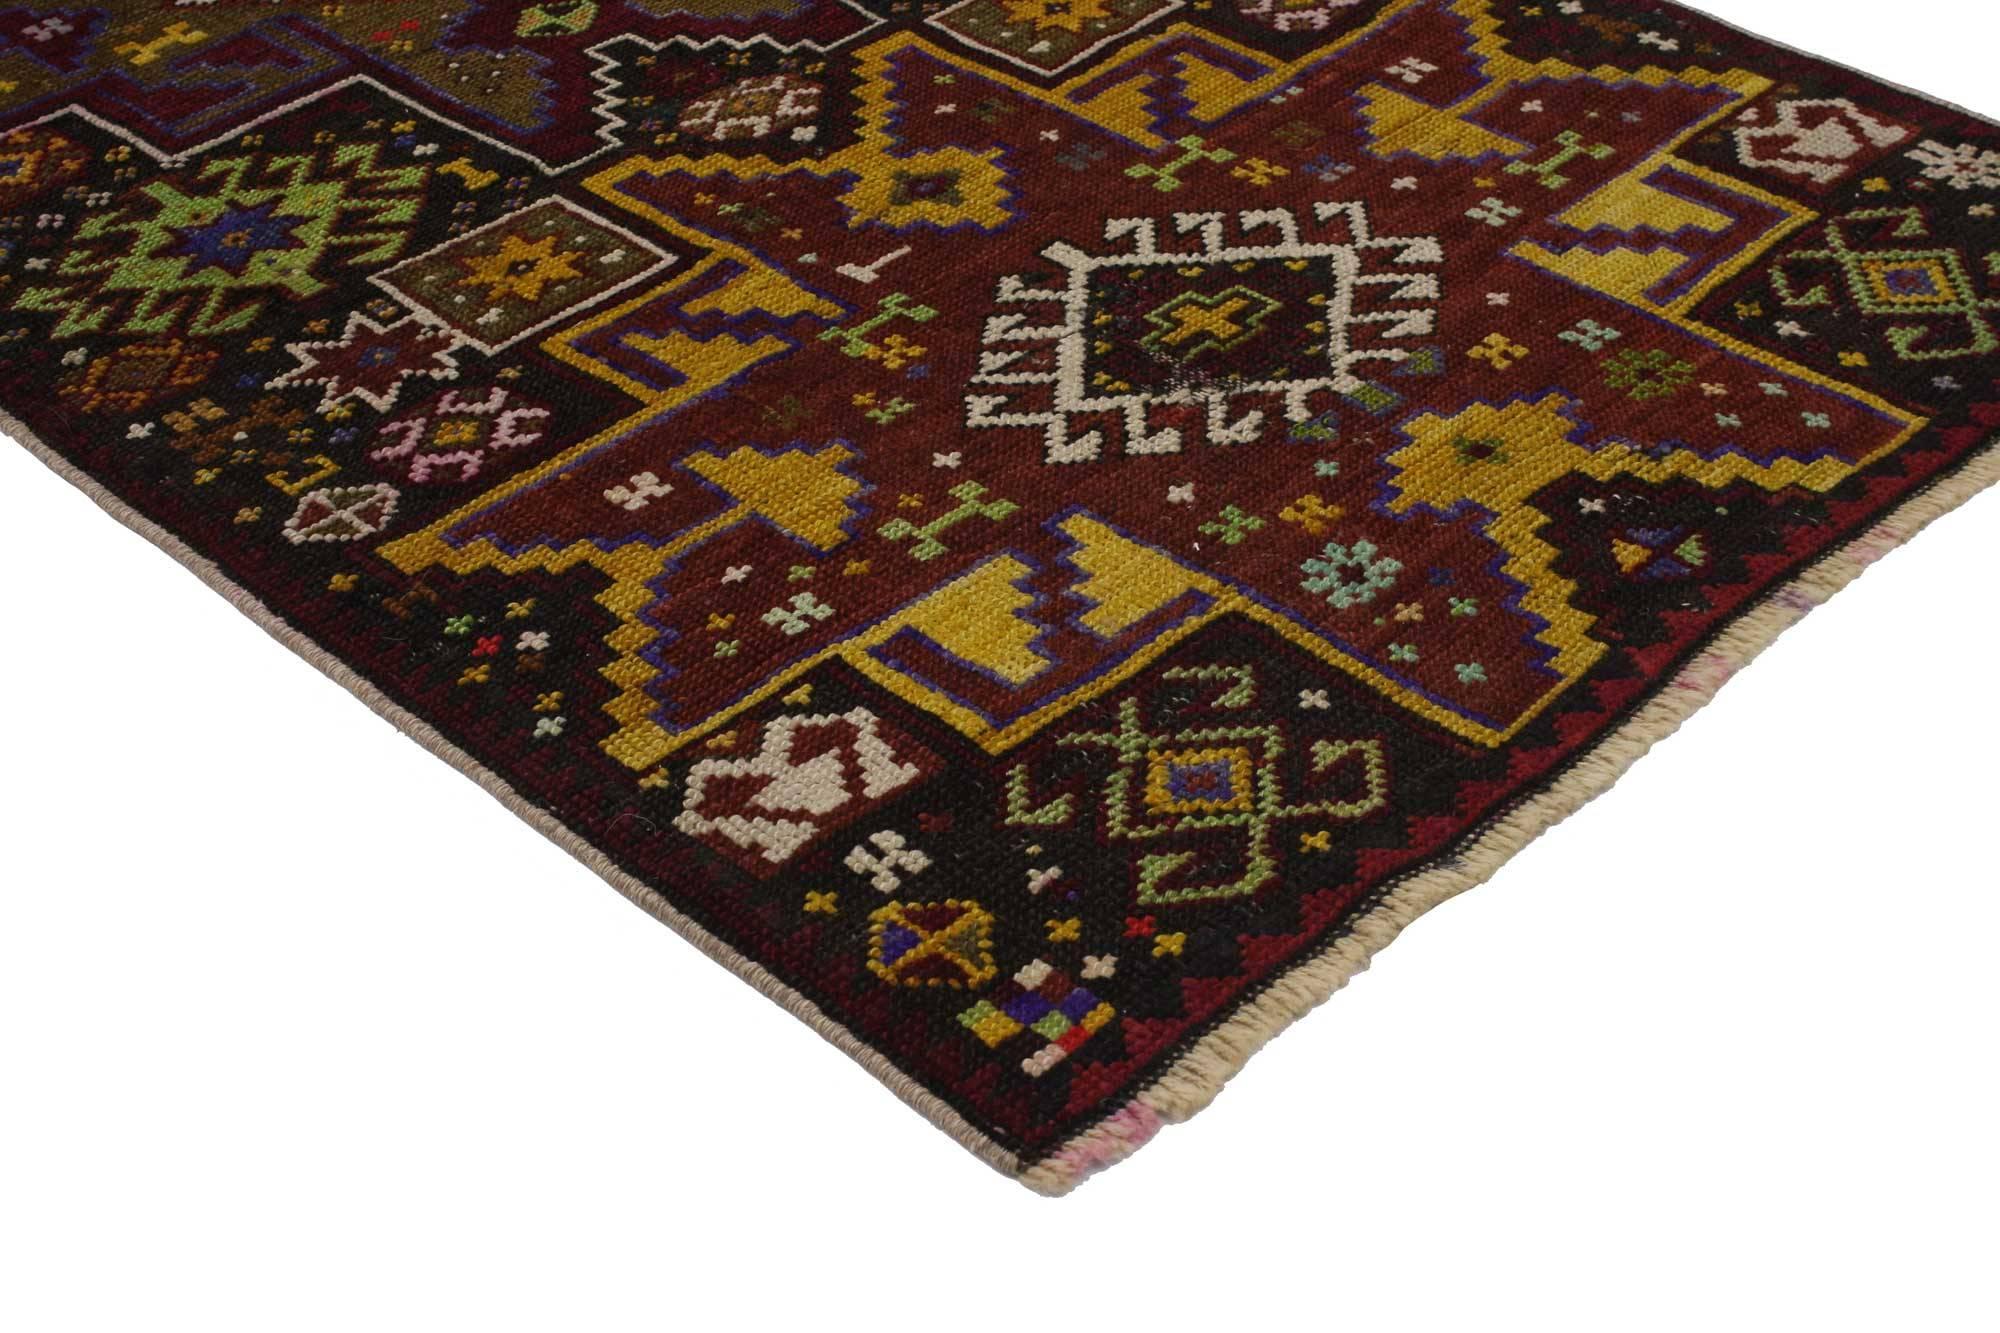 Vintage Türkischen Oushak Teppich, Stammes Teppiche Für Küche, Bad, Foyer  Oder Eingangsbereich 3